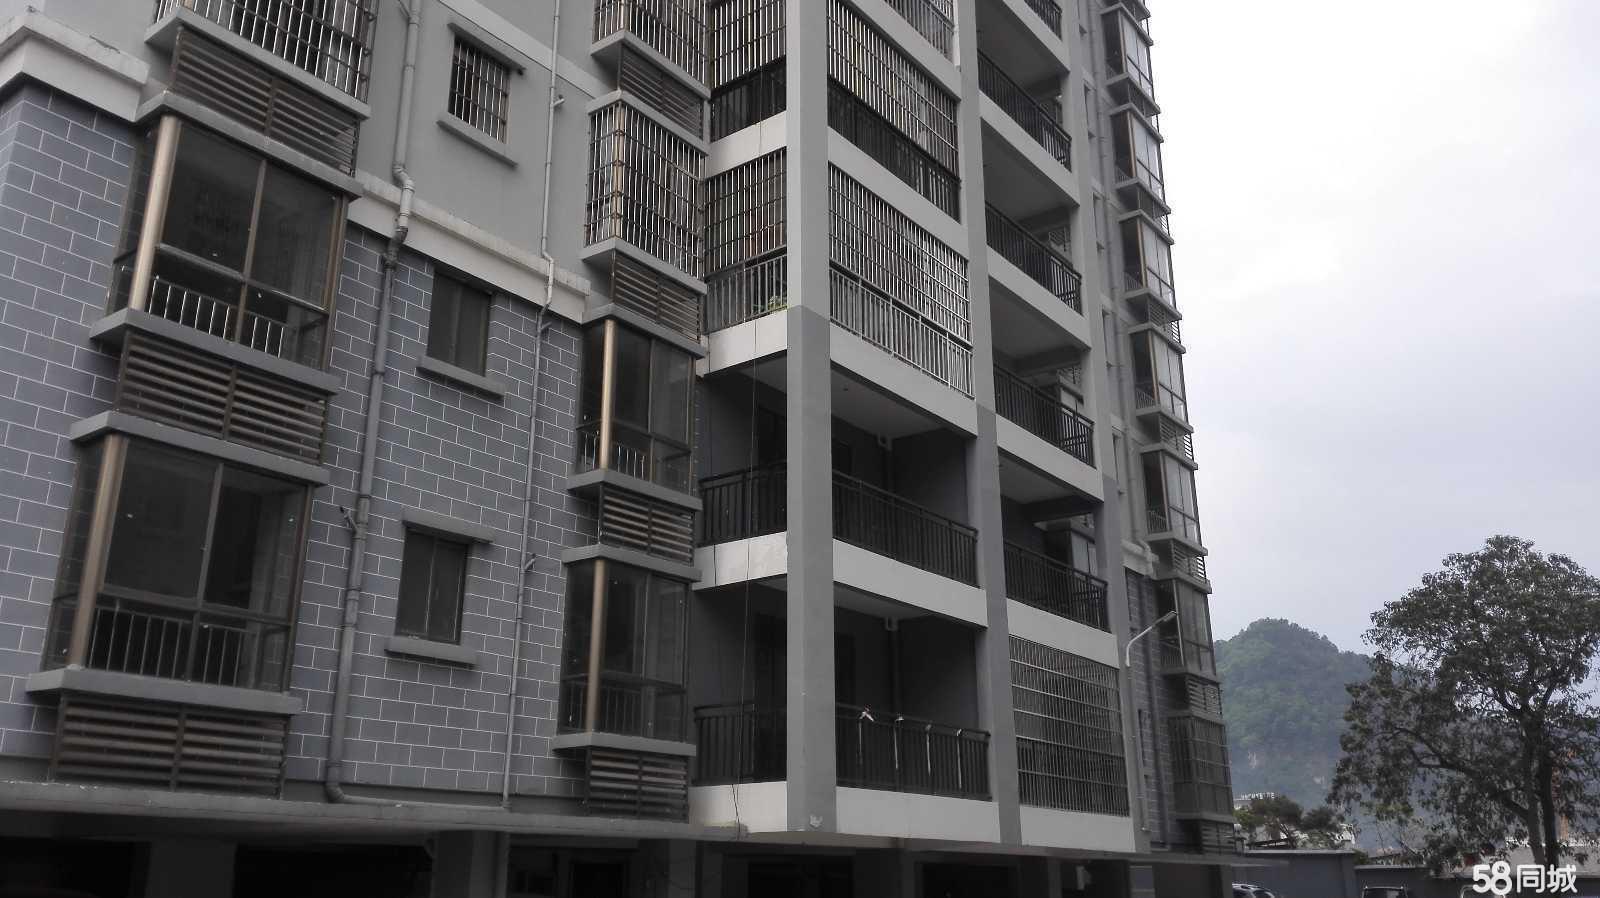 巴马巴马?东方红(财政)3室2厅2卫125平米